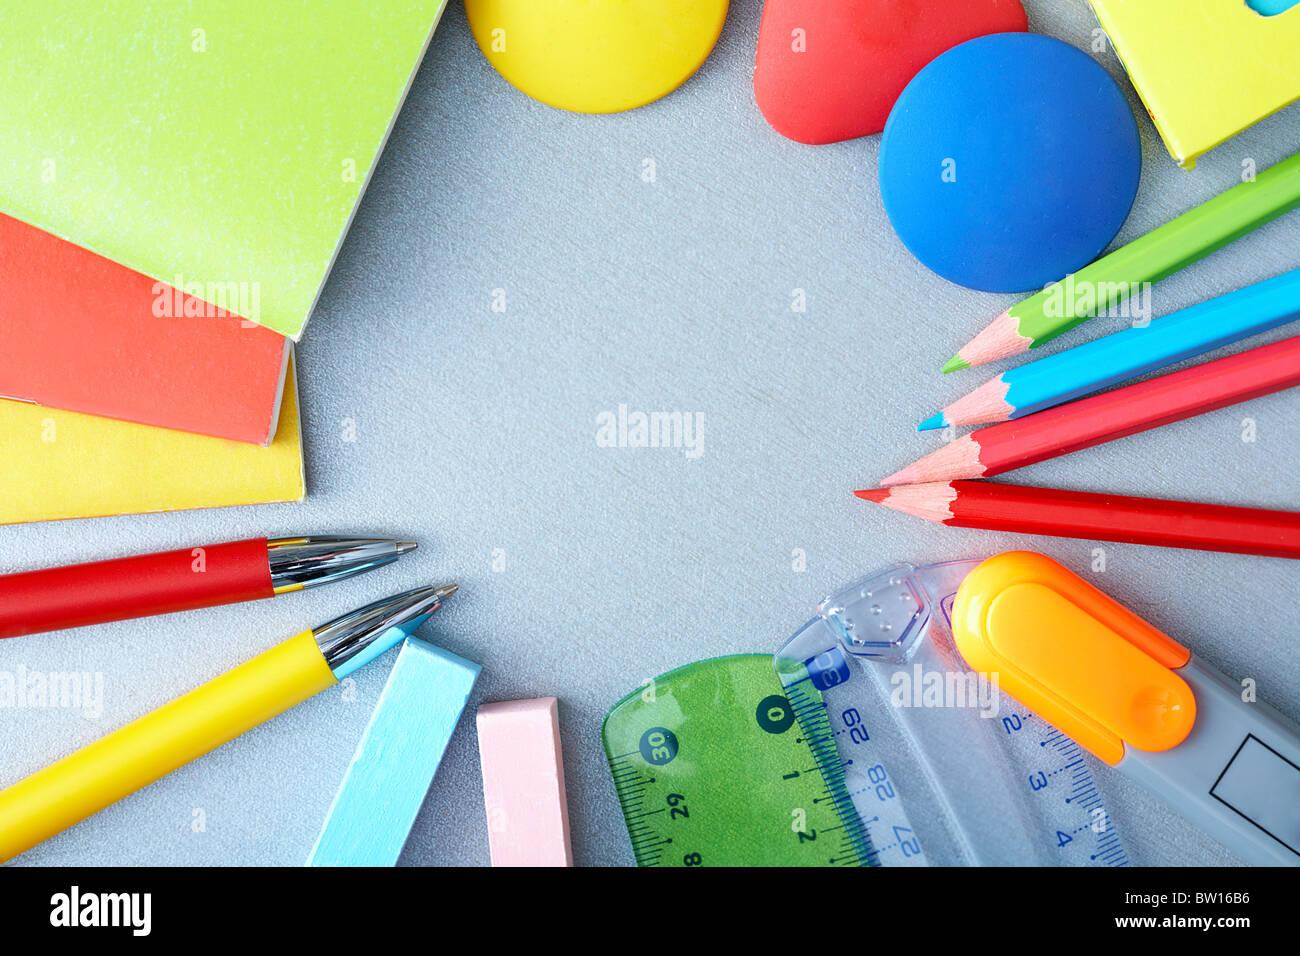 Close-up de diversos objetos necesarios en el proceso de educación escolar Imagen De Stock